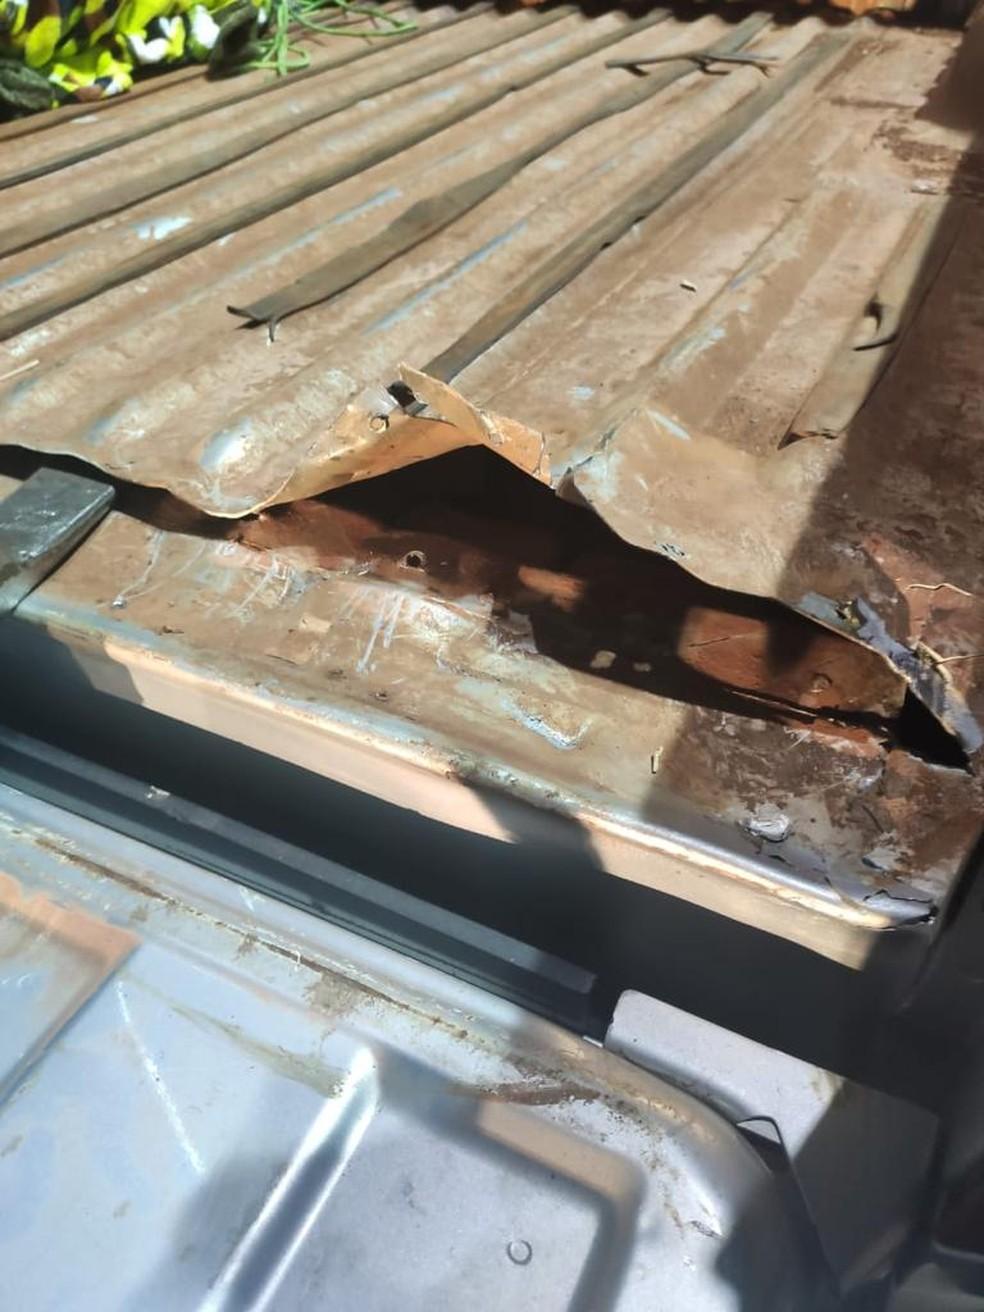 Droga estava escondida em fundo falso na lataria do carro em Pirajuí (SP) — Foto: Polícia Rodoviária/ Divulgação